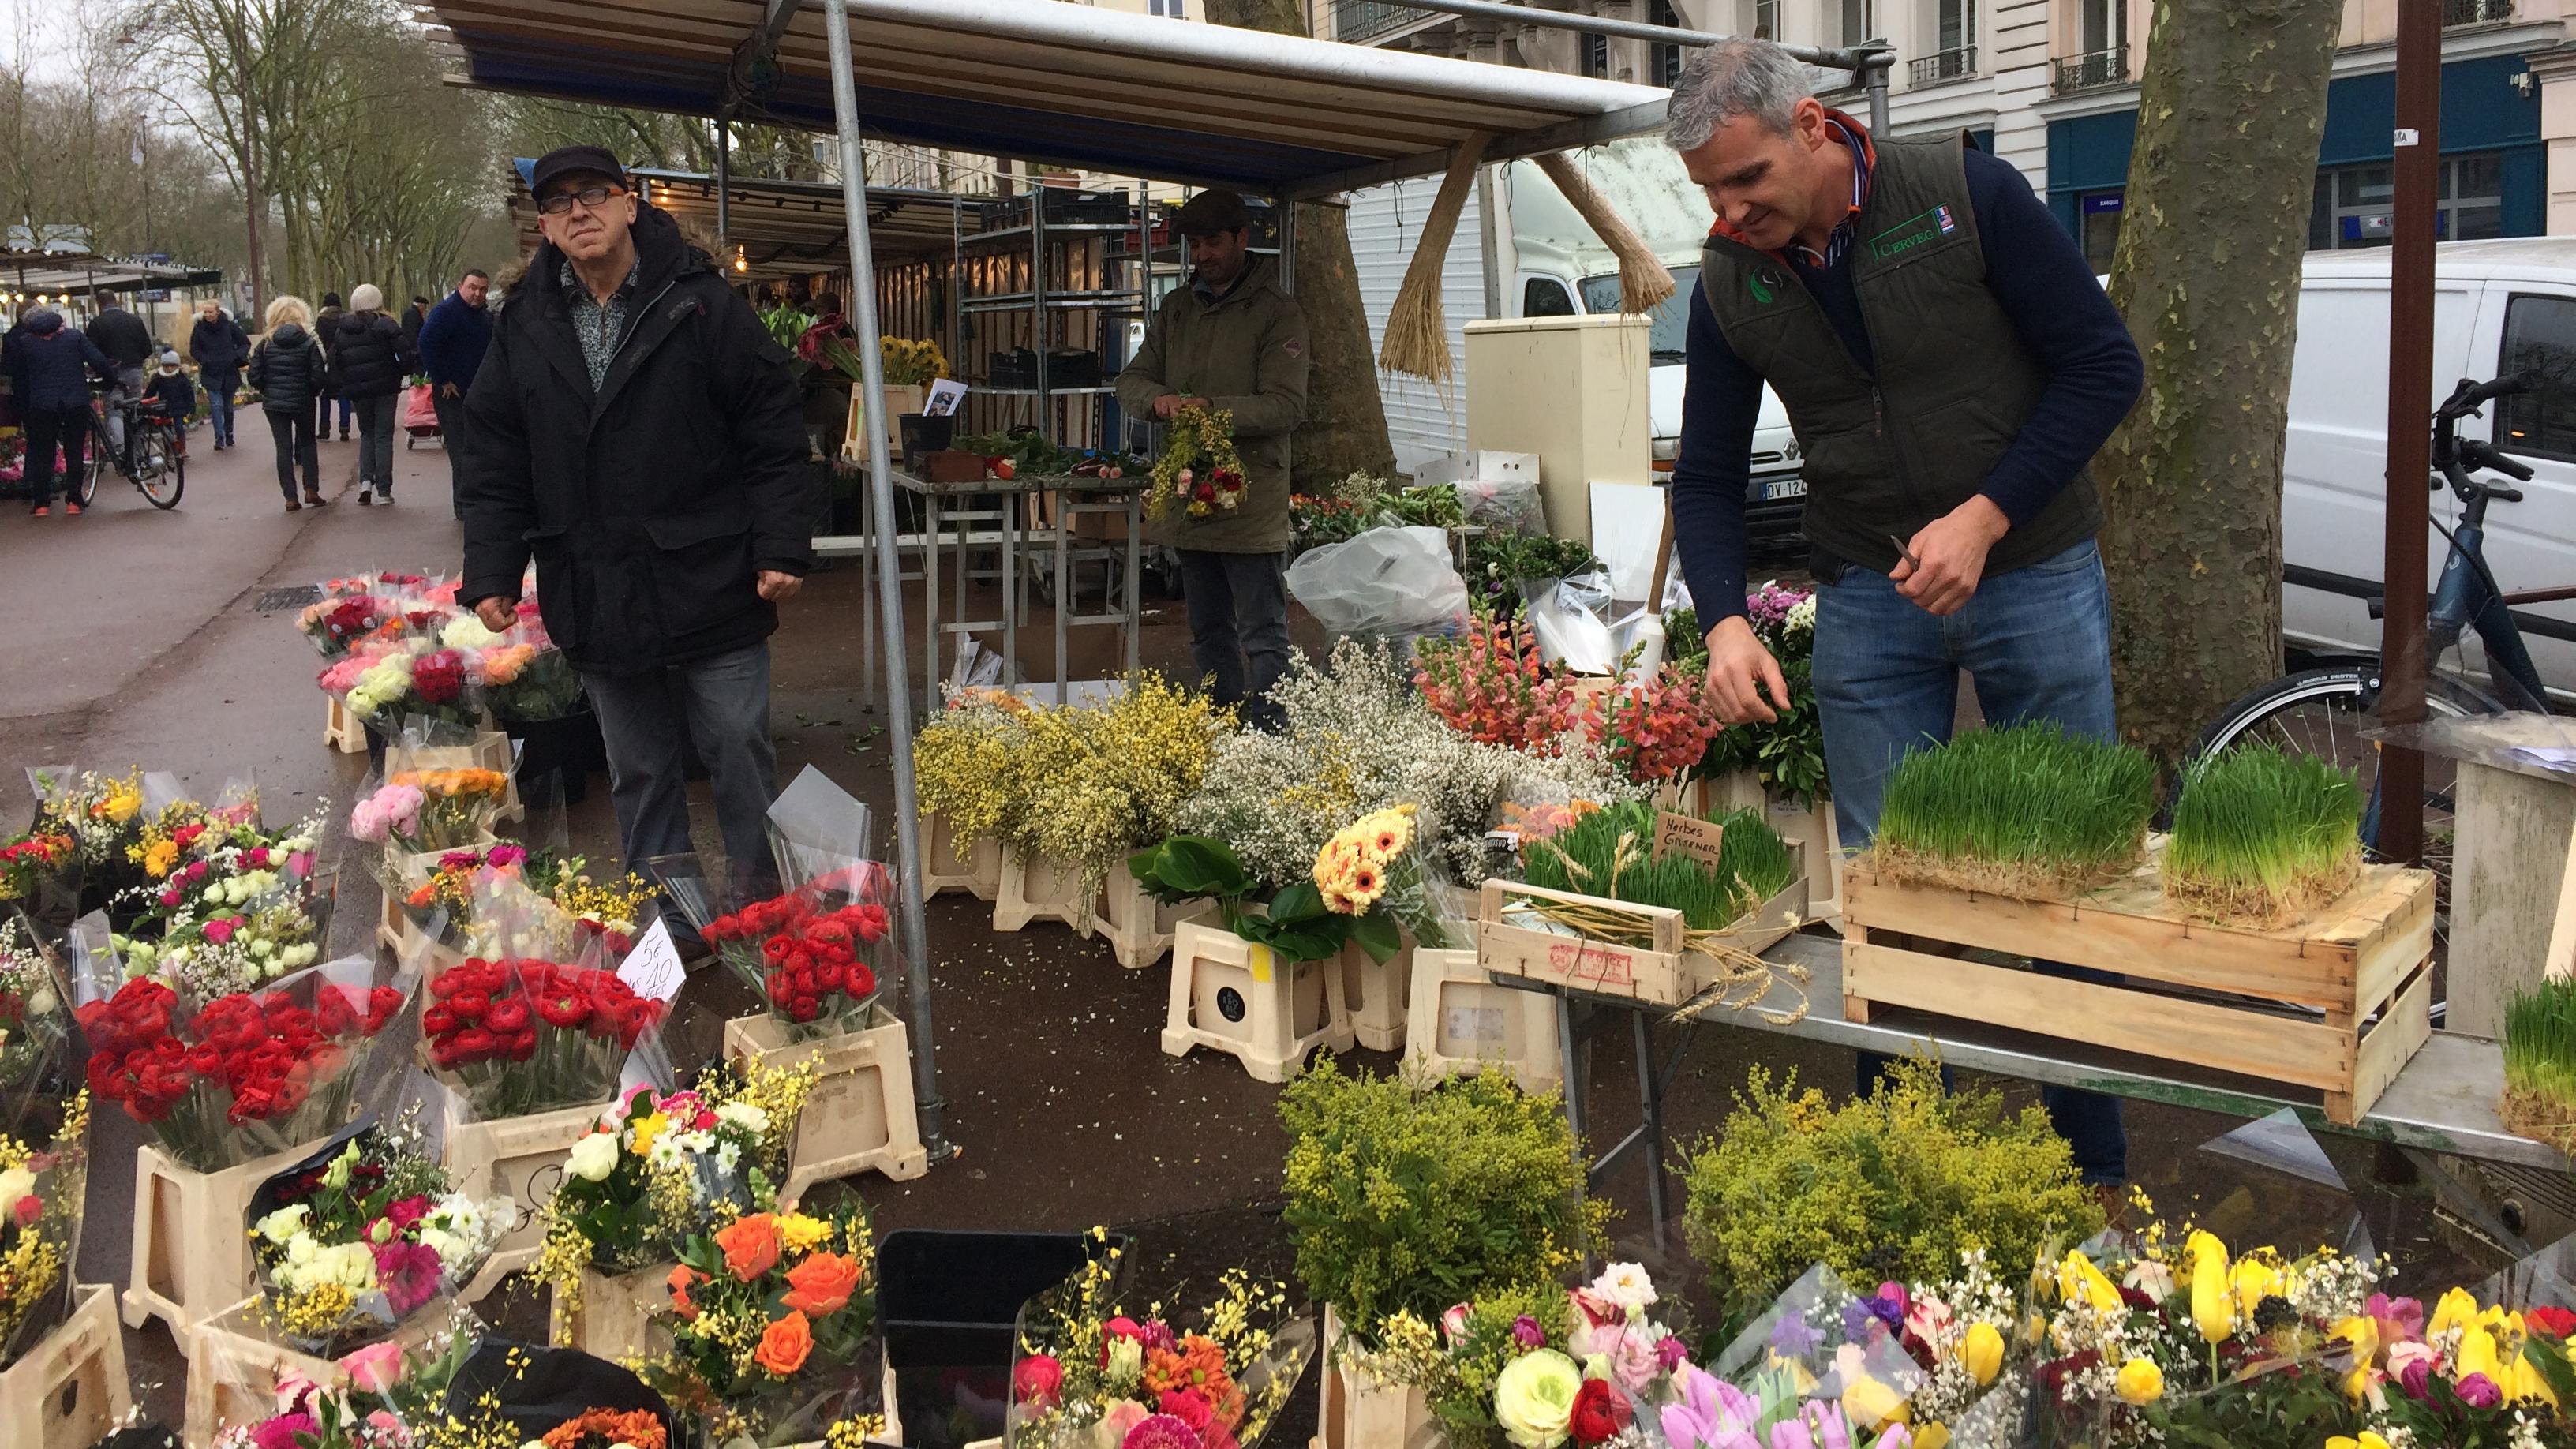 March__aux_fleurs_VERSAILLES_-_Distributeur_GREENER-1520203411.JPG